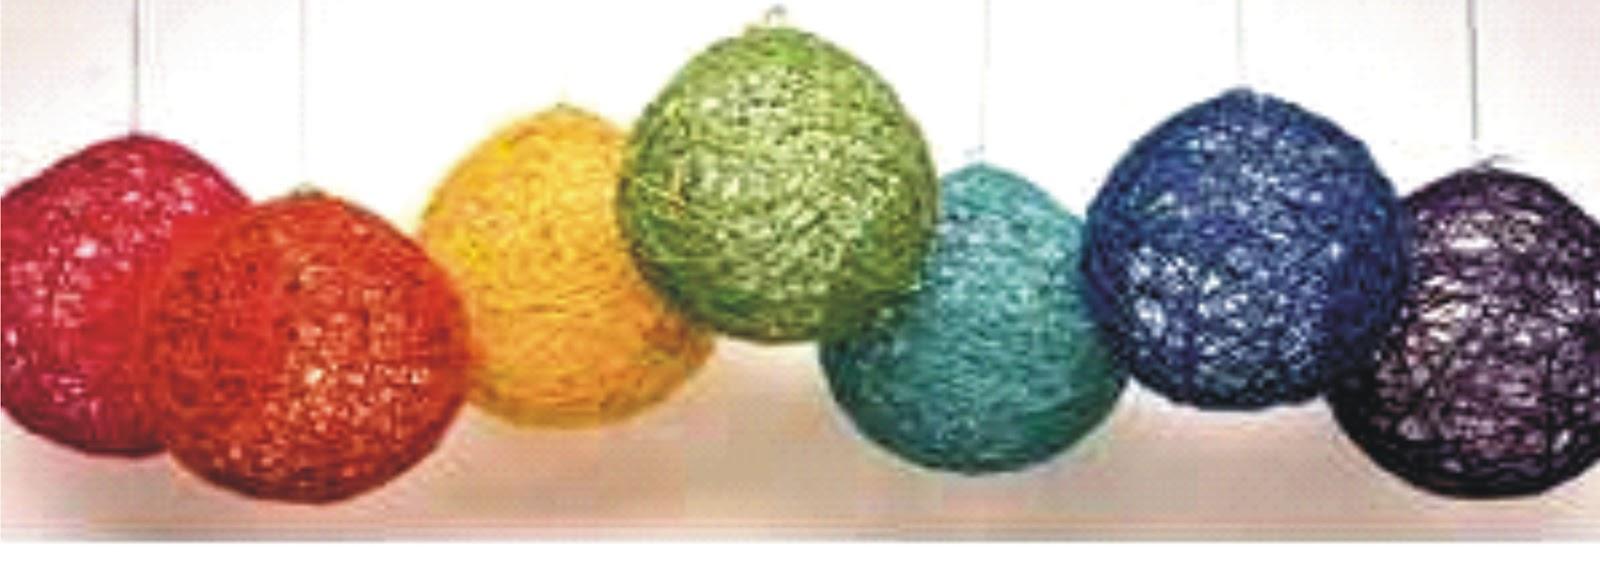 Arte color bola esfera de fique cabuya o lana for Manualidades para ninos con lana